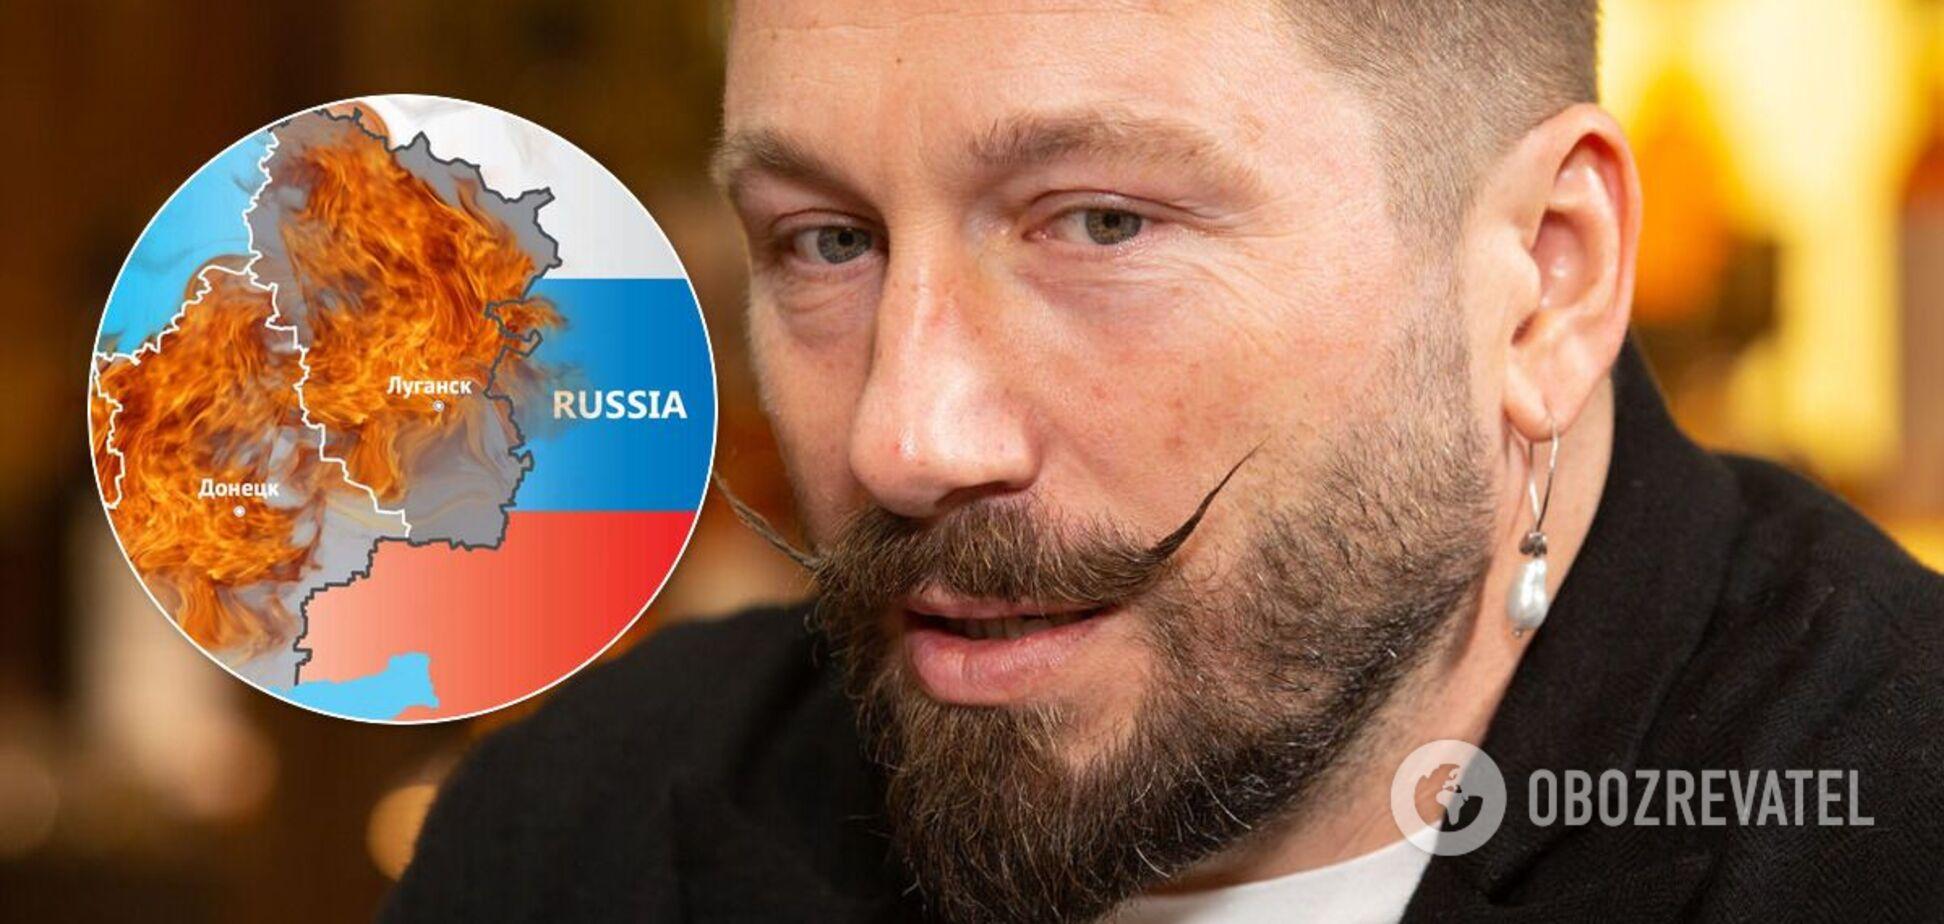 Росія може віддати Україні Донбас, але не Крим, – Чичваркін